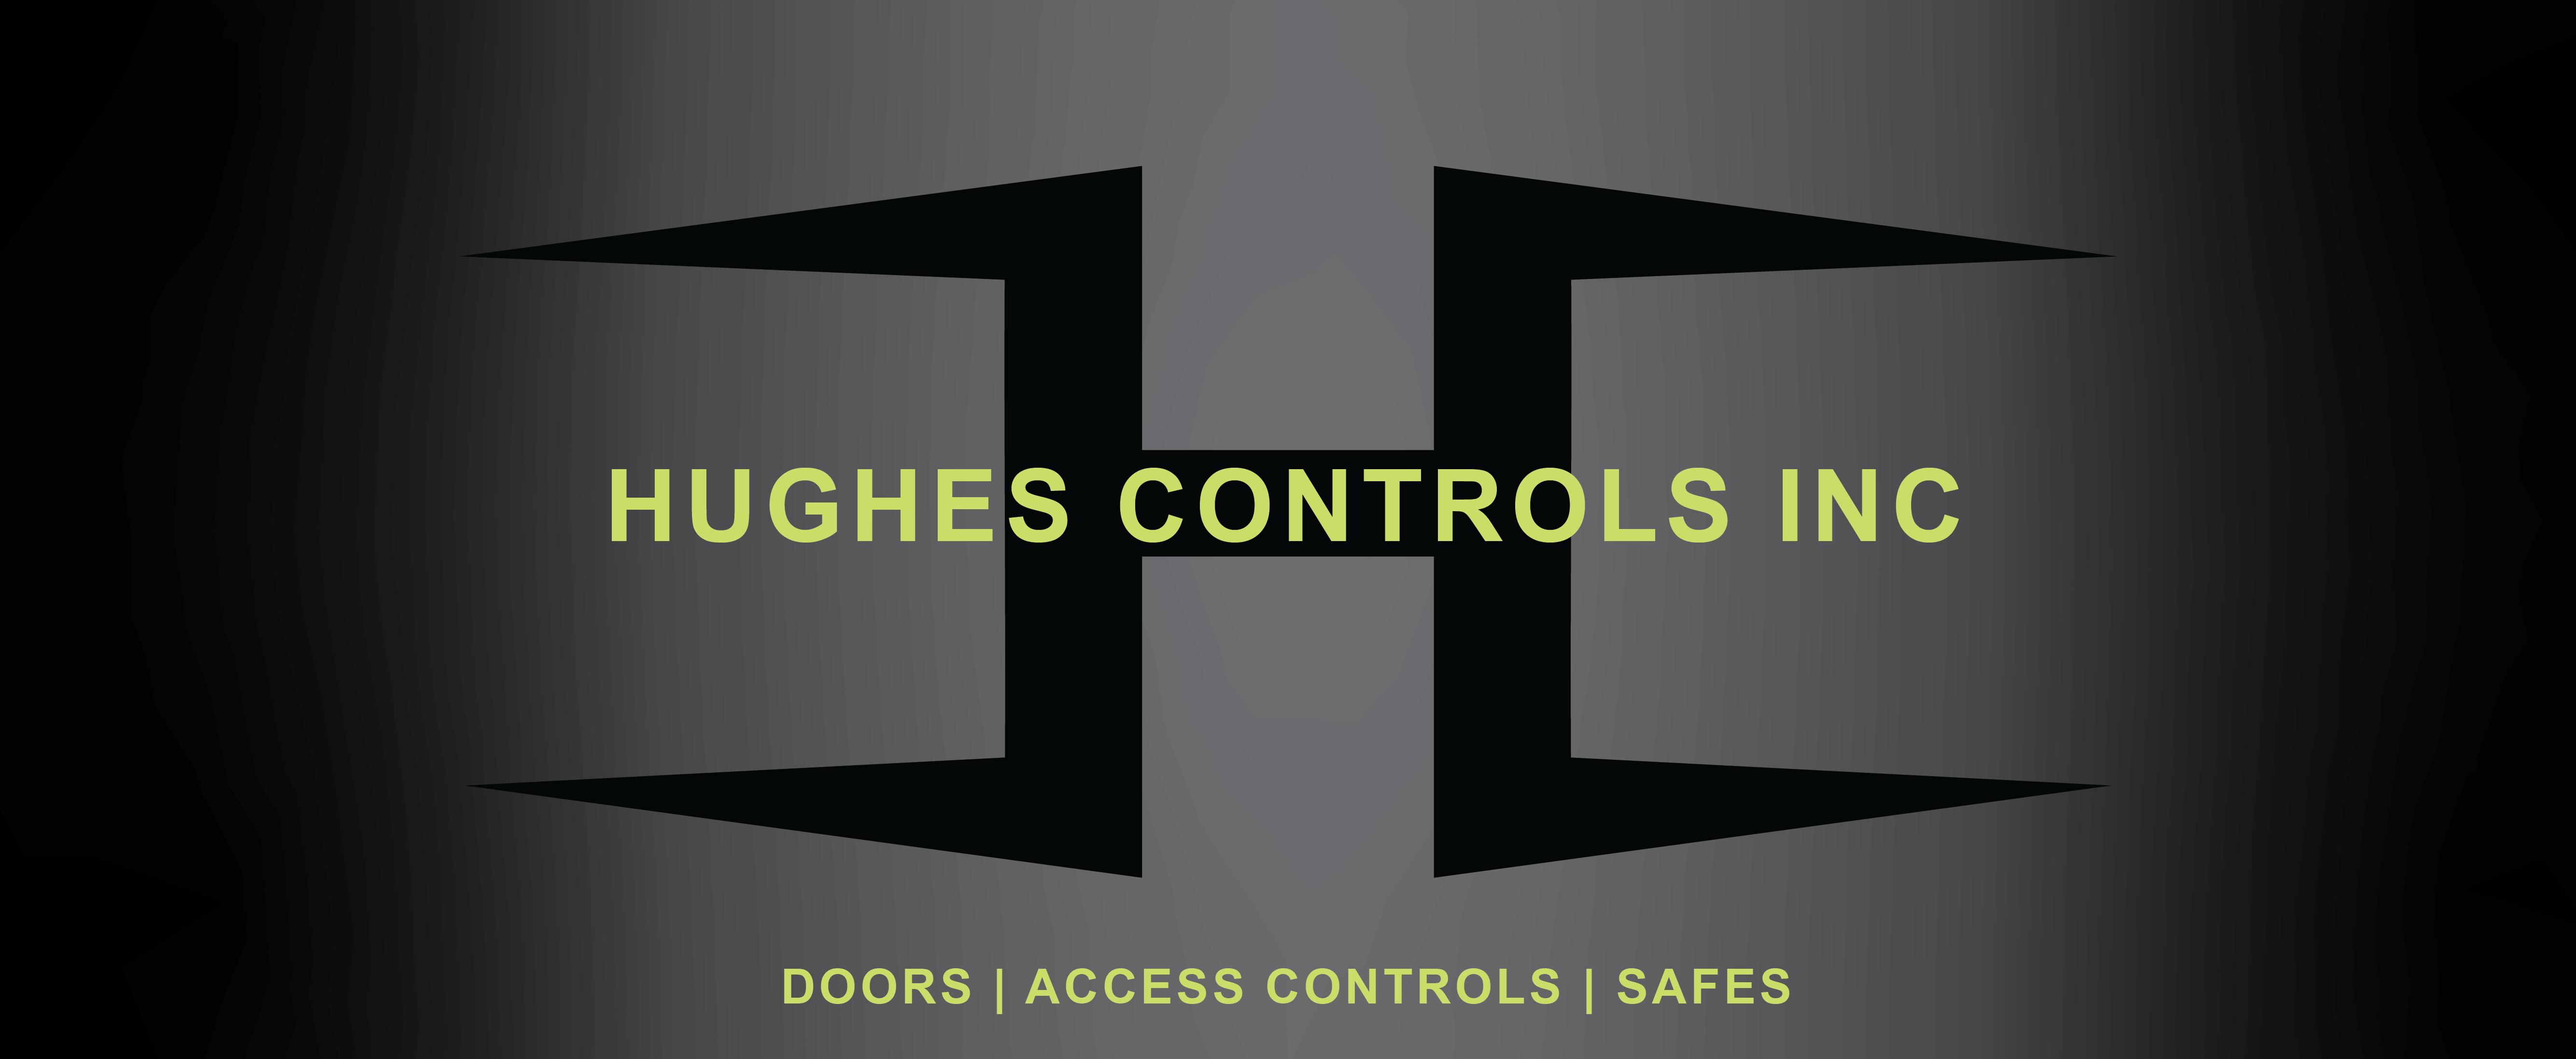 Hughes Controls